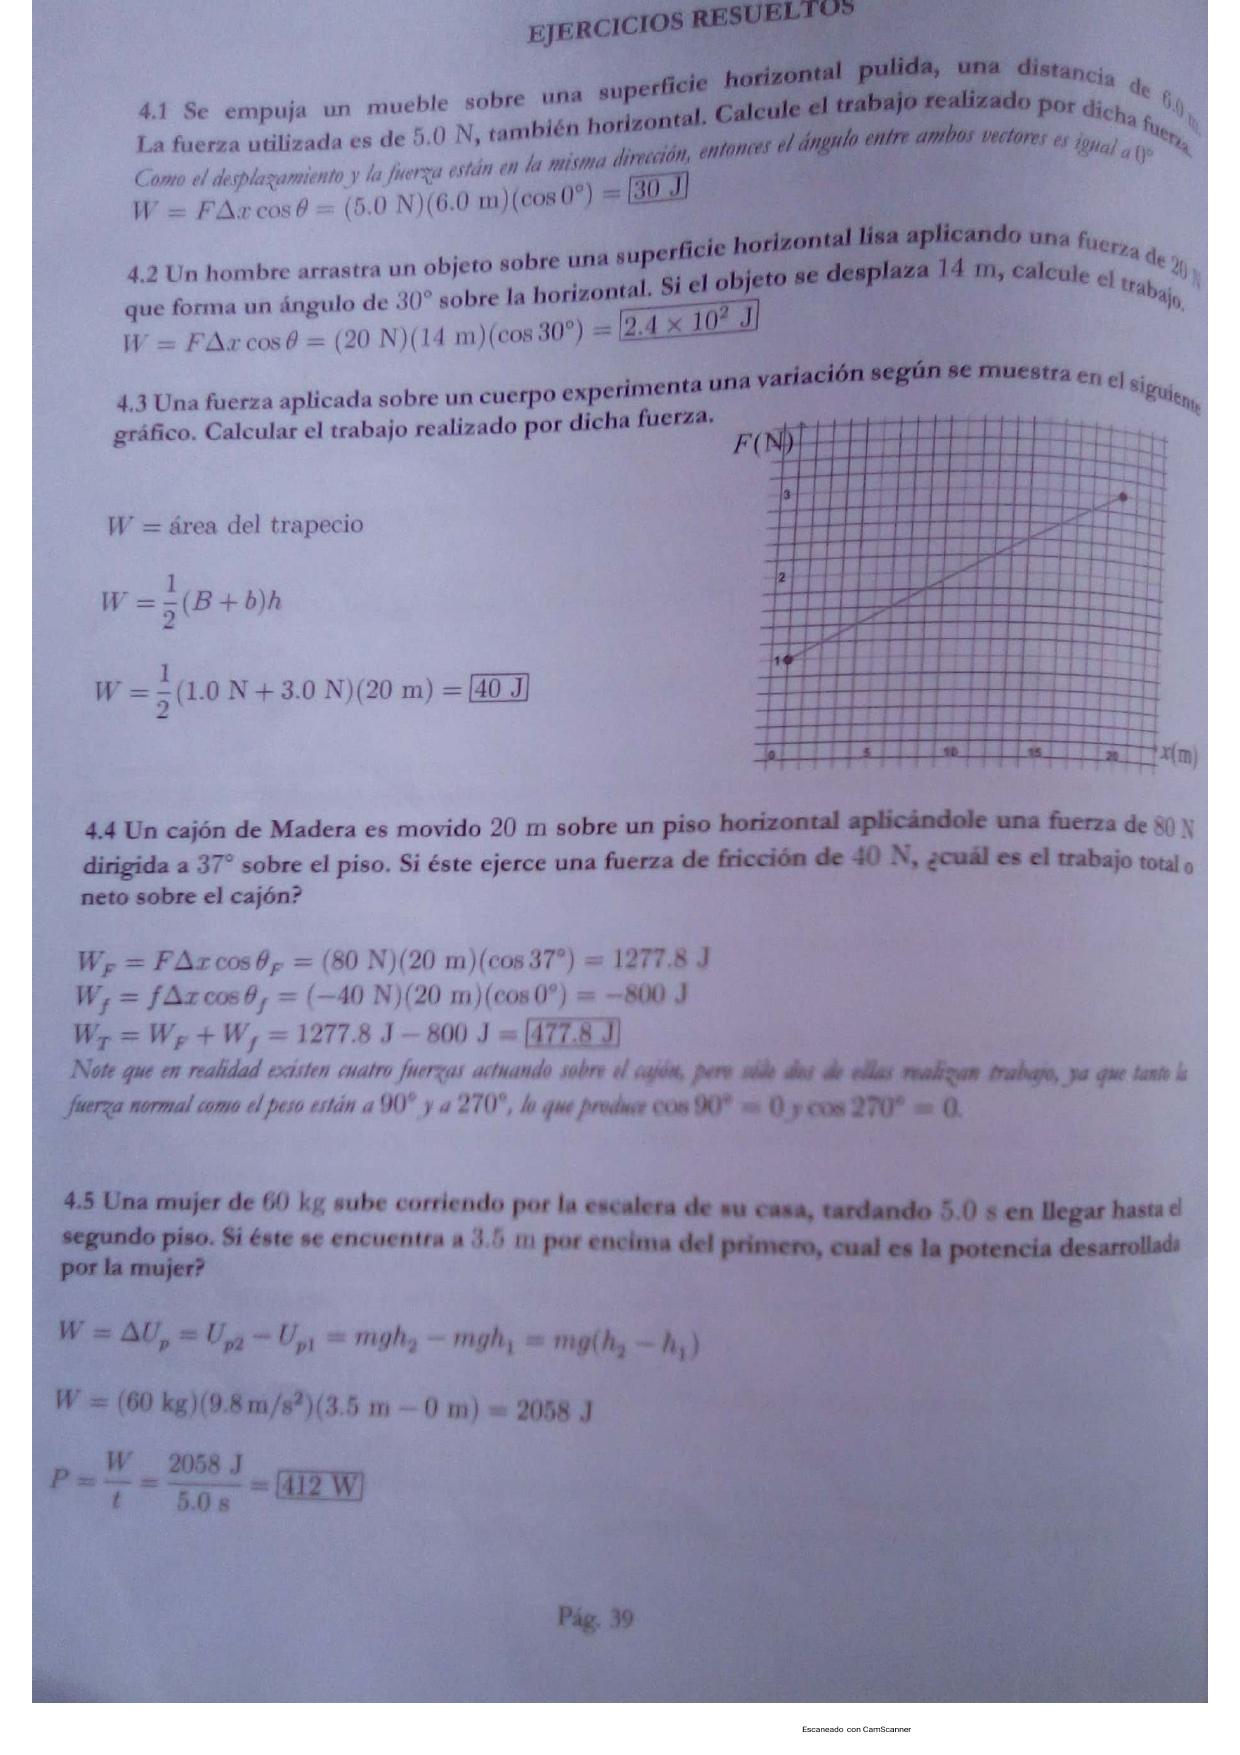 cuaderno-de-trabajo-f-sica-b-sica-page-0038